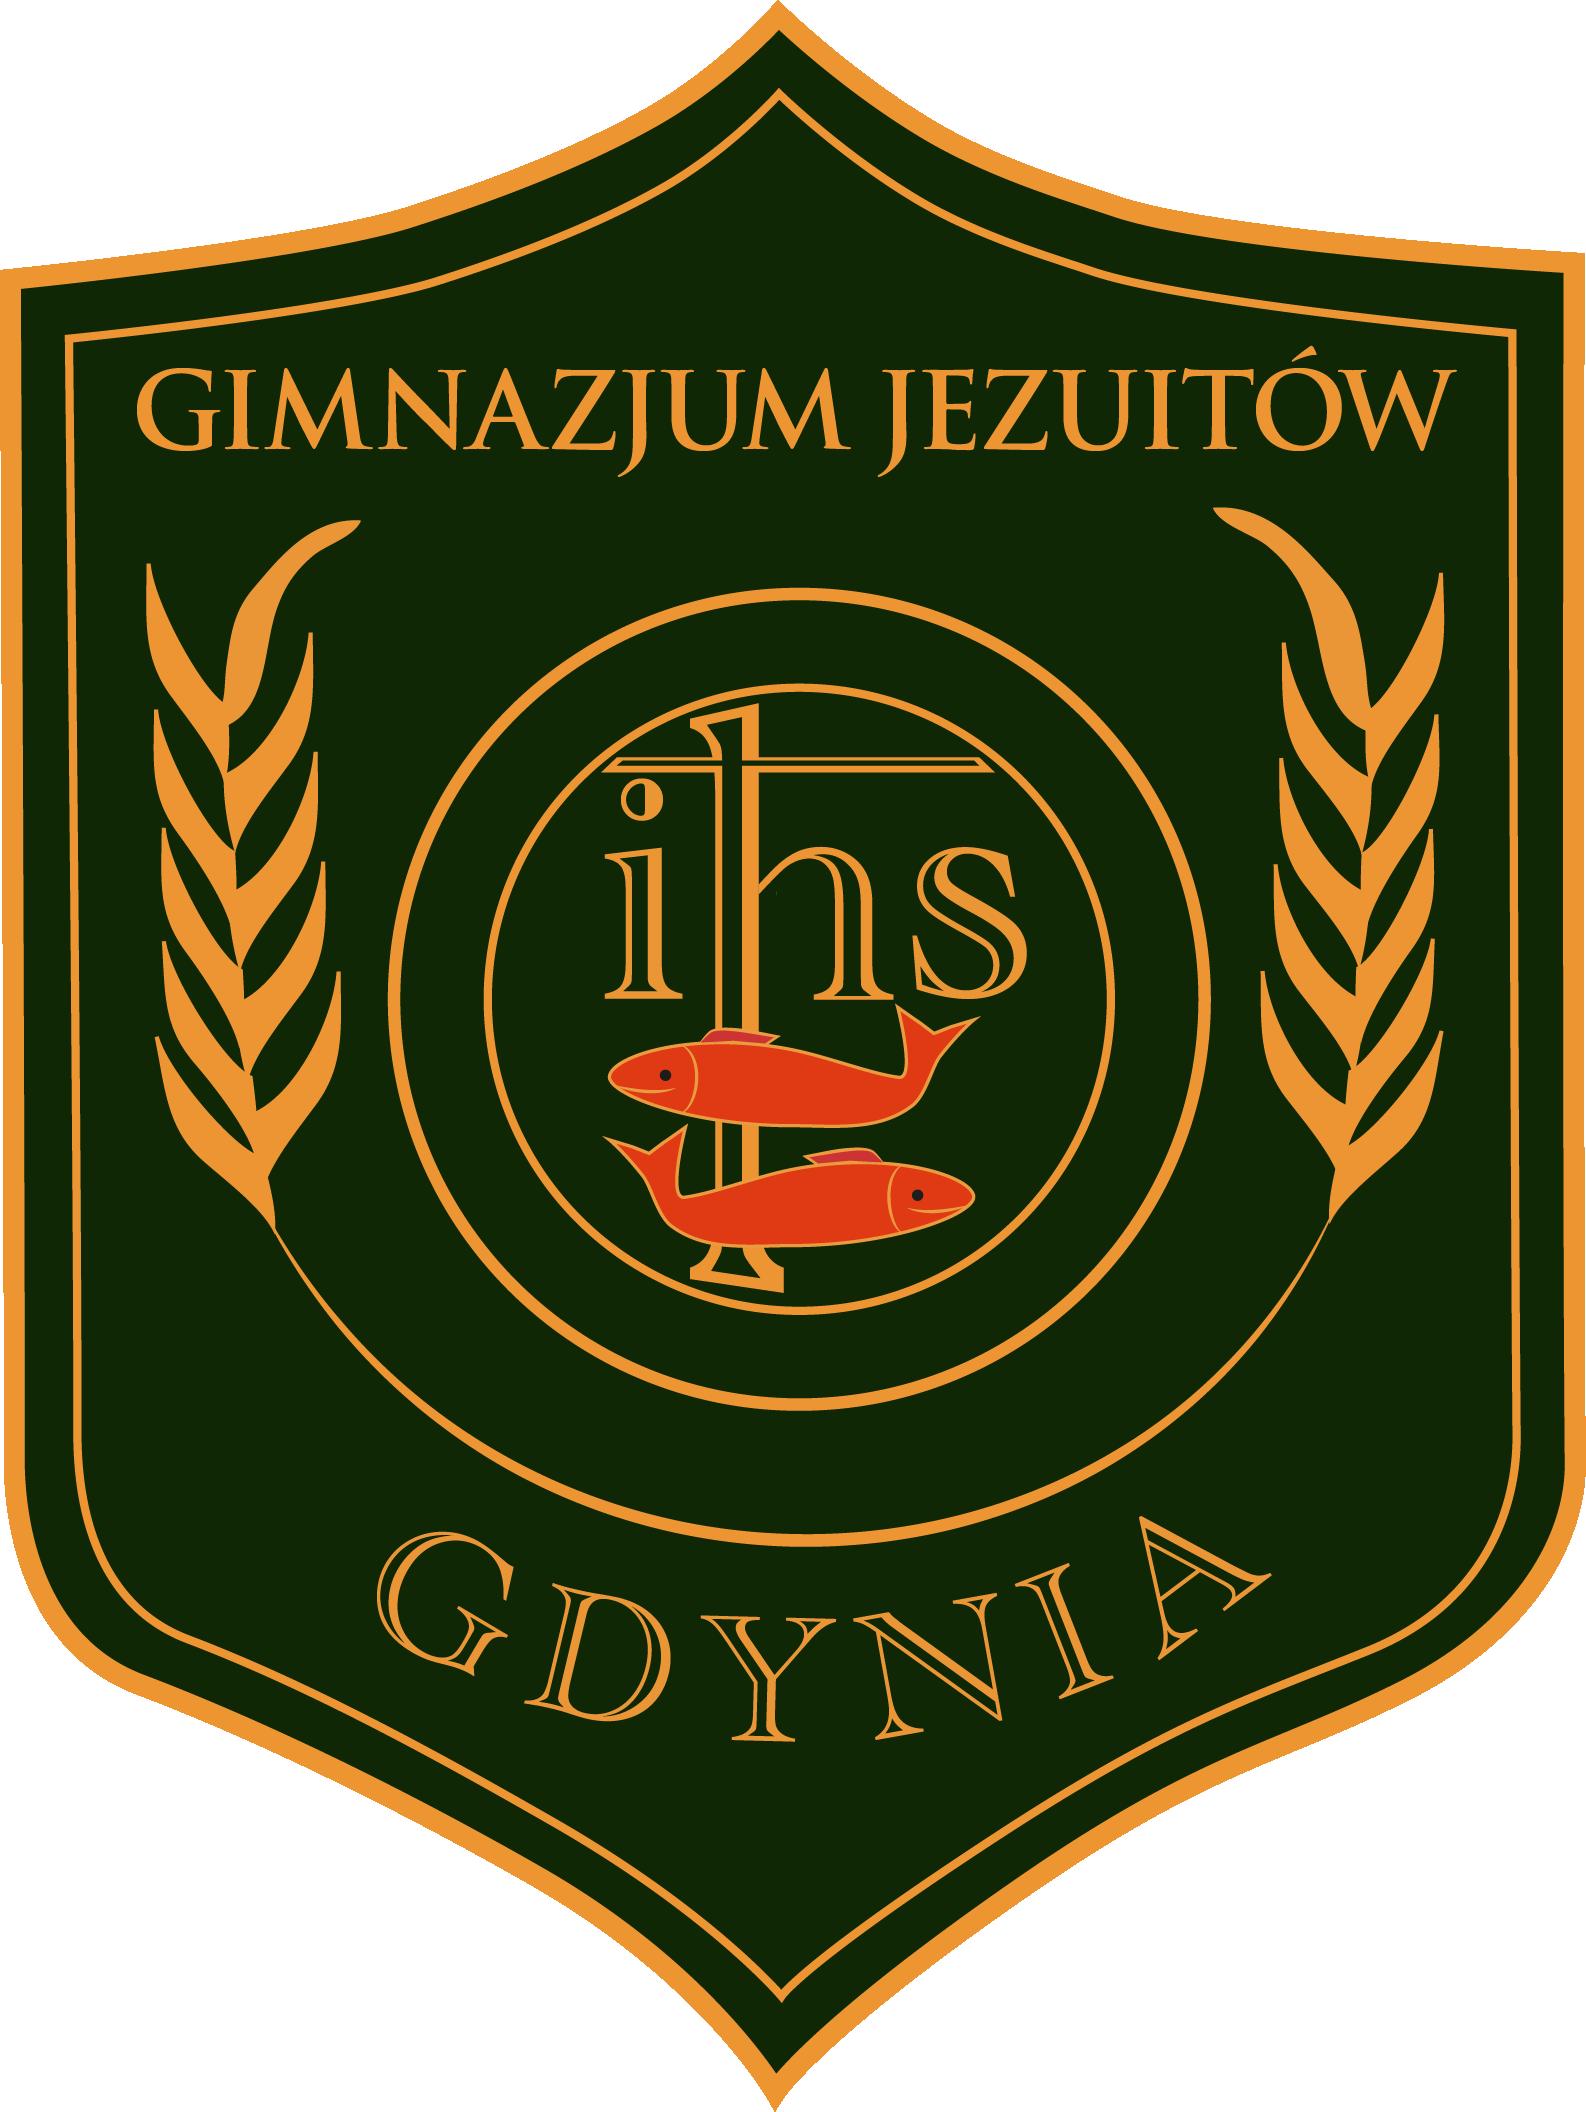 Gimnazjum Jezuitów w Gdyni